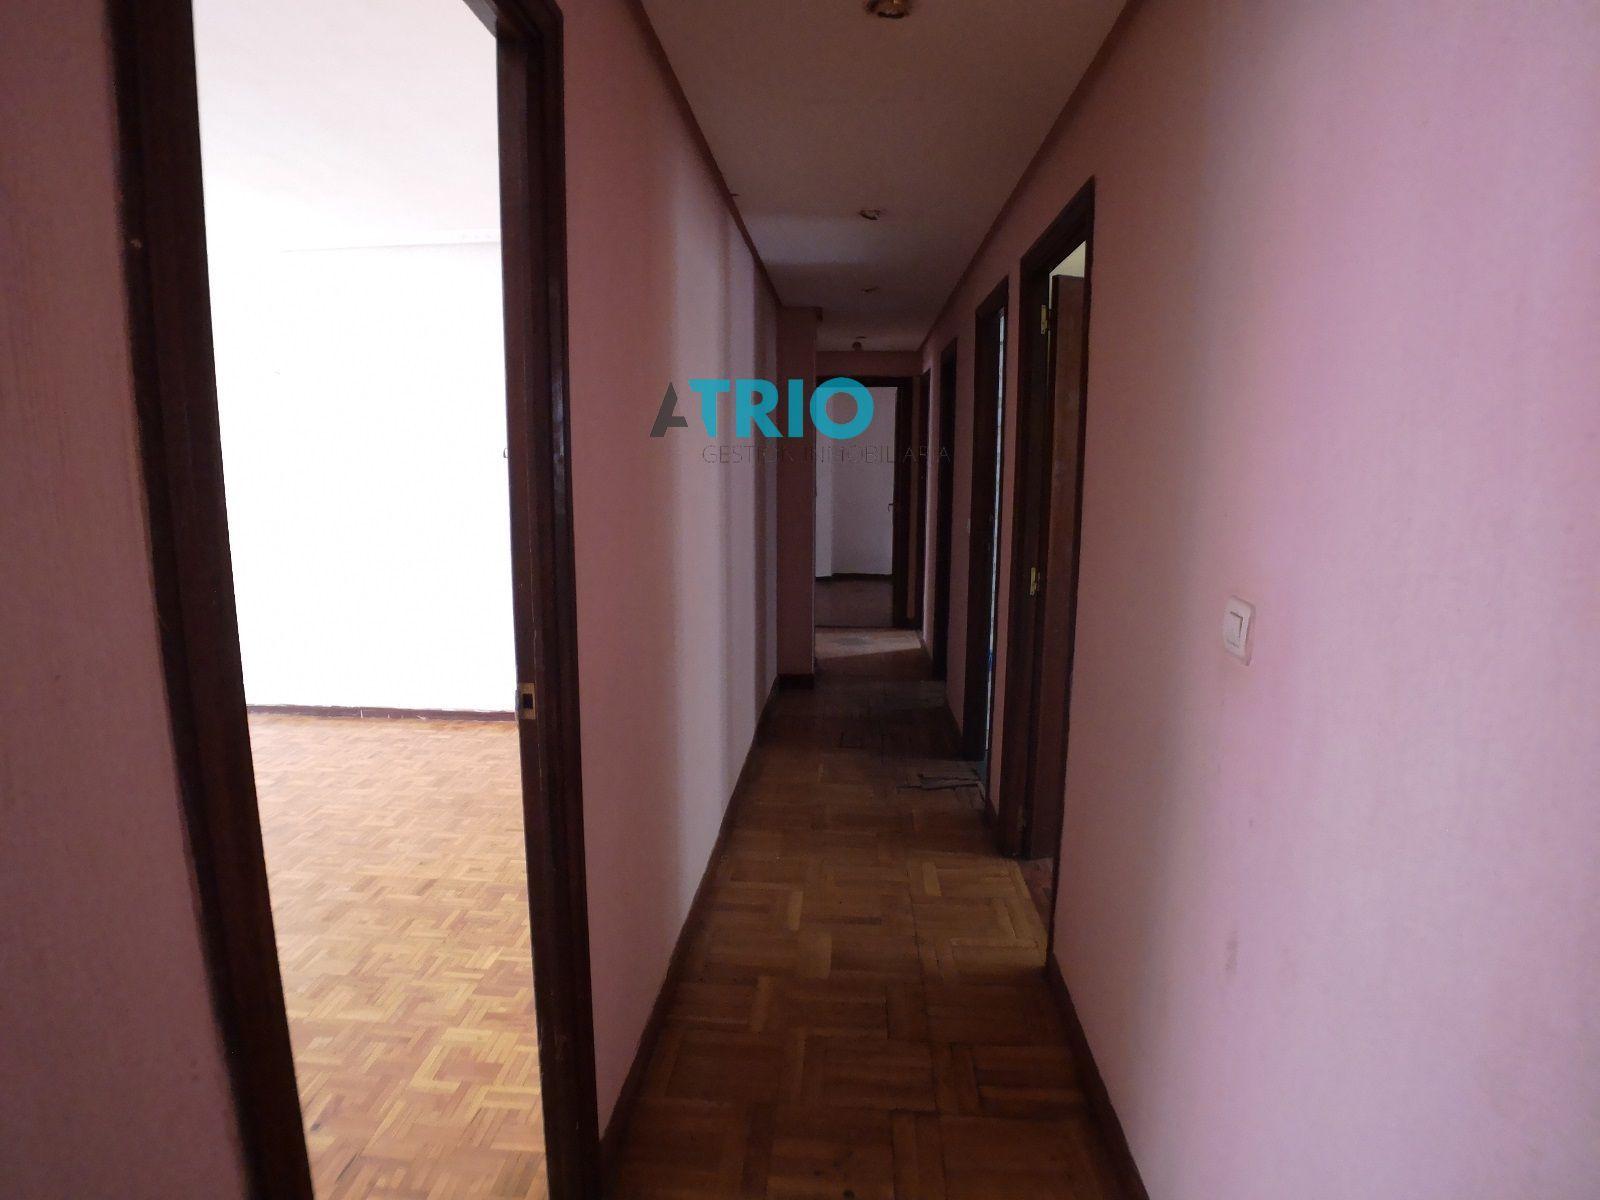 dia.mobiliagestion.es/Portals/inmoatrio/Images/5966/5558963